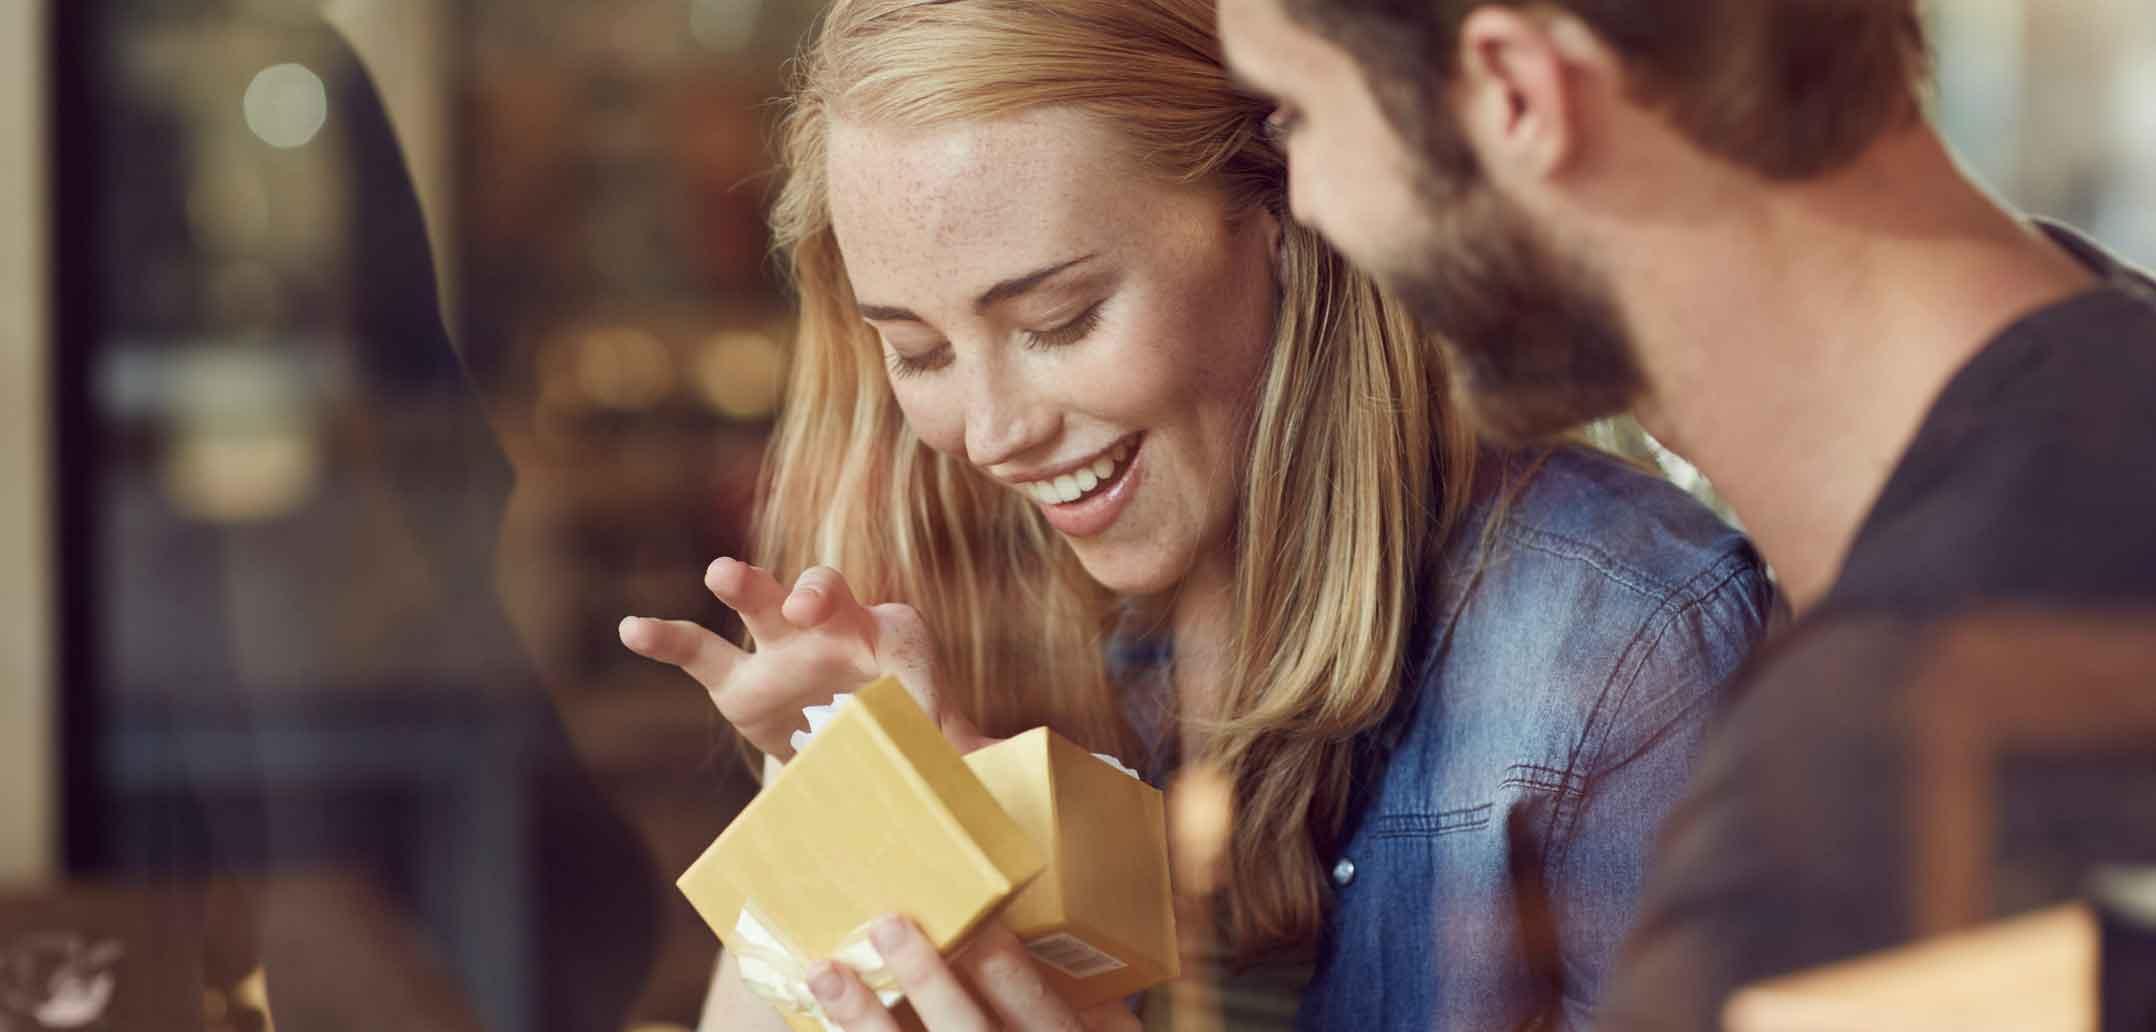 Romantische Dinge für eine Frau zu tun